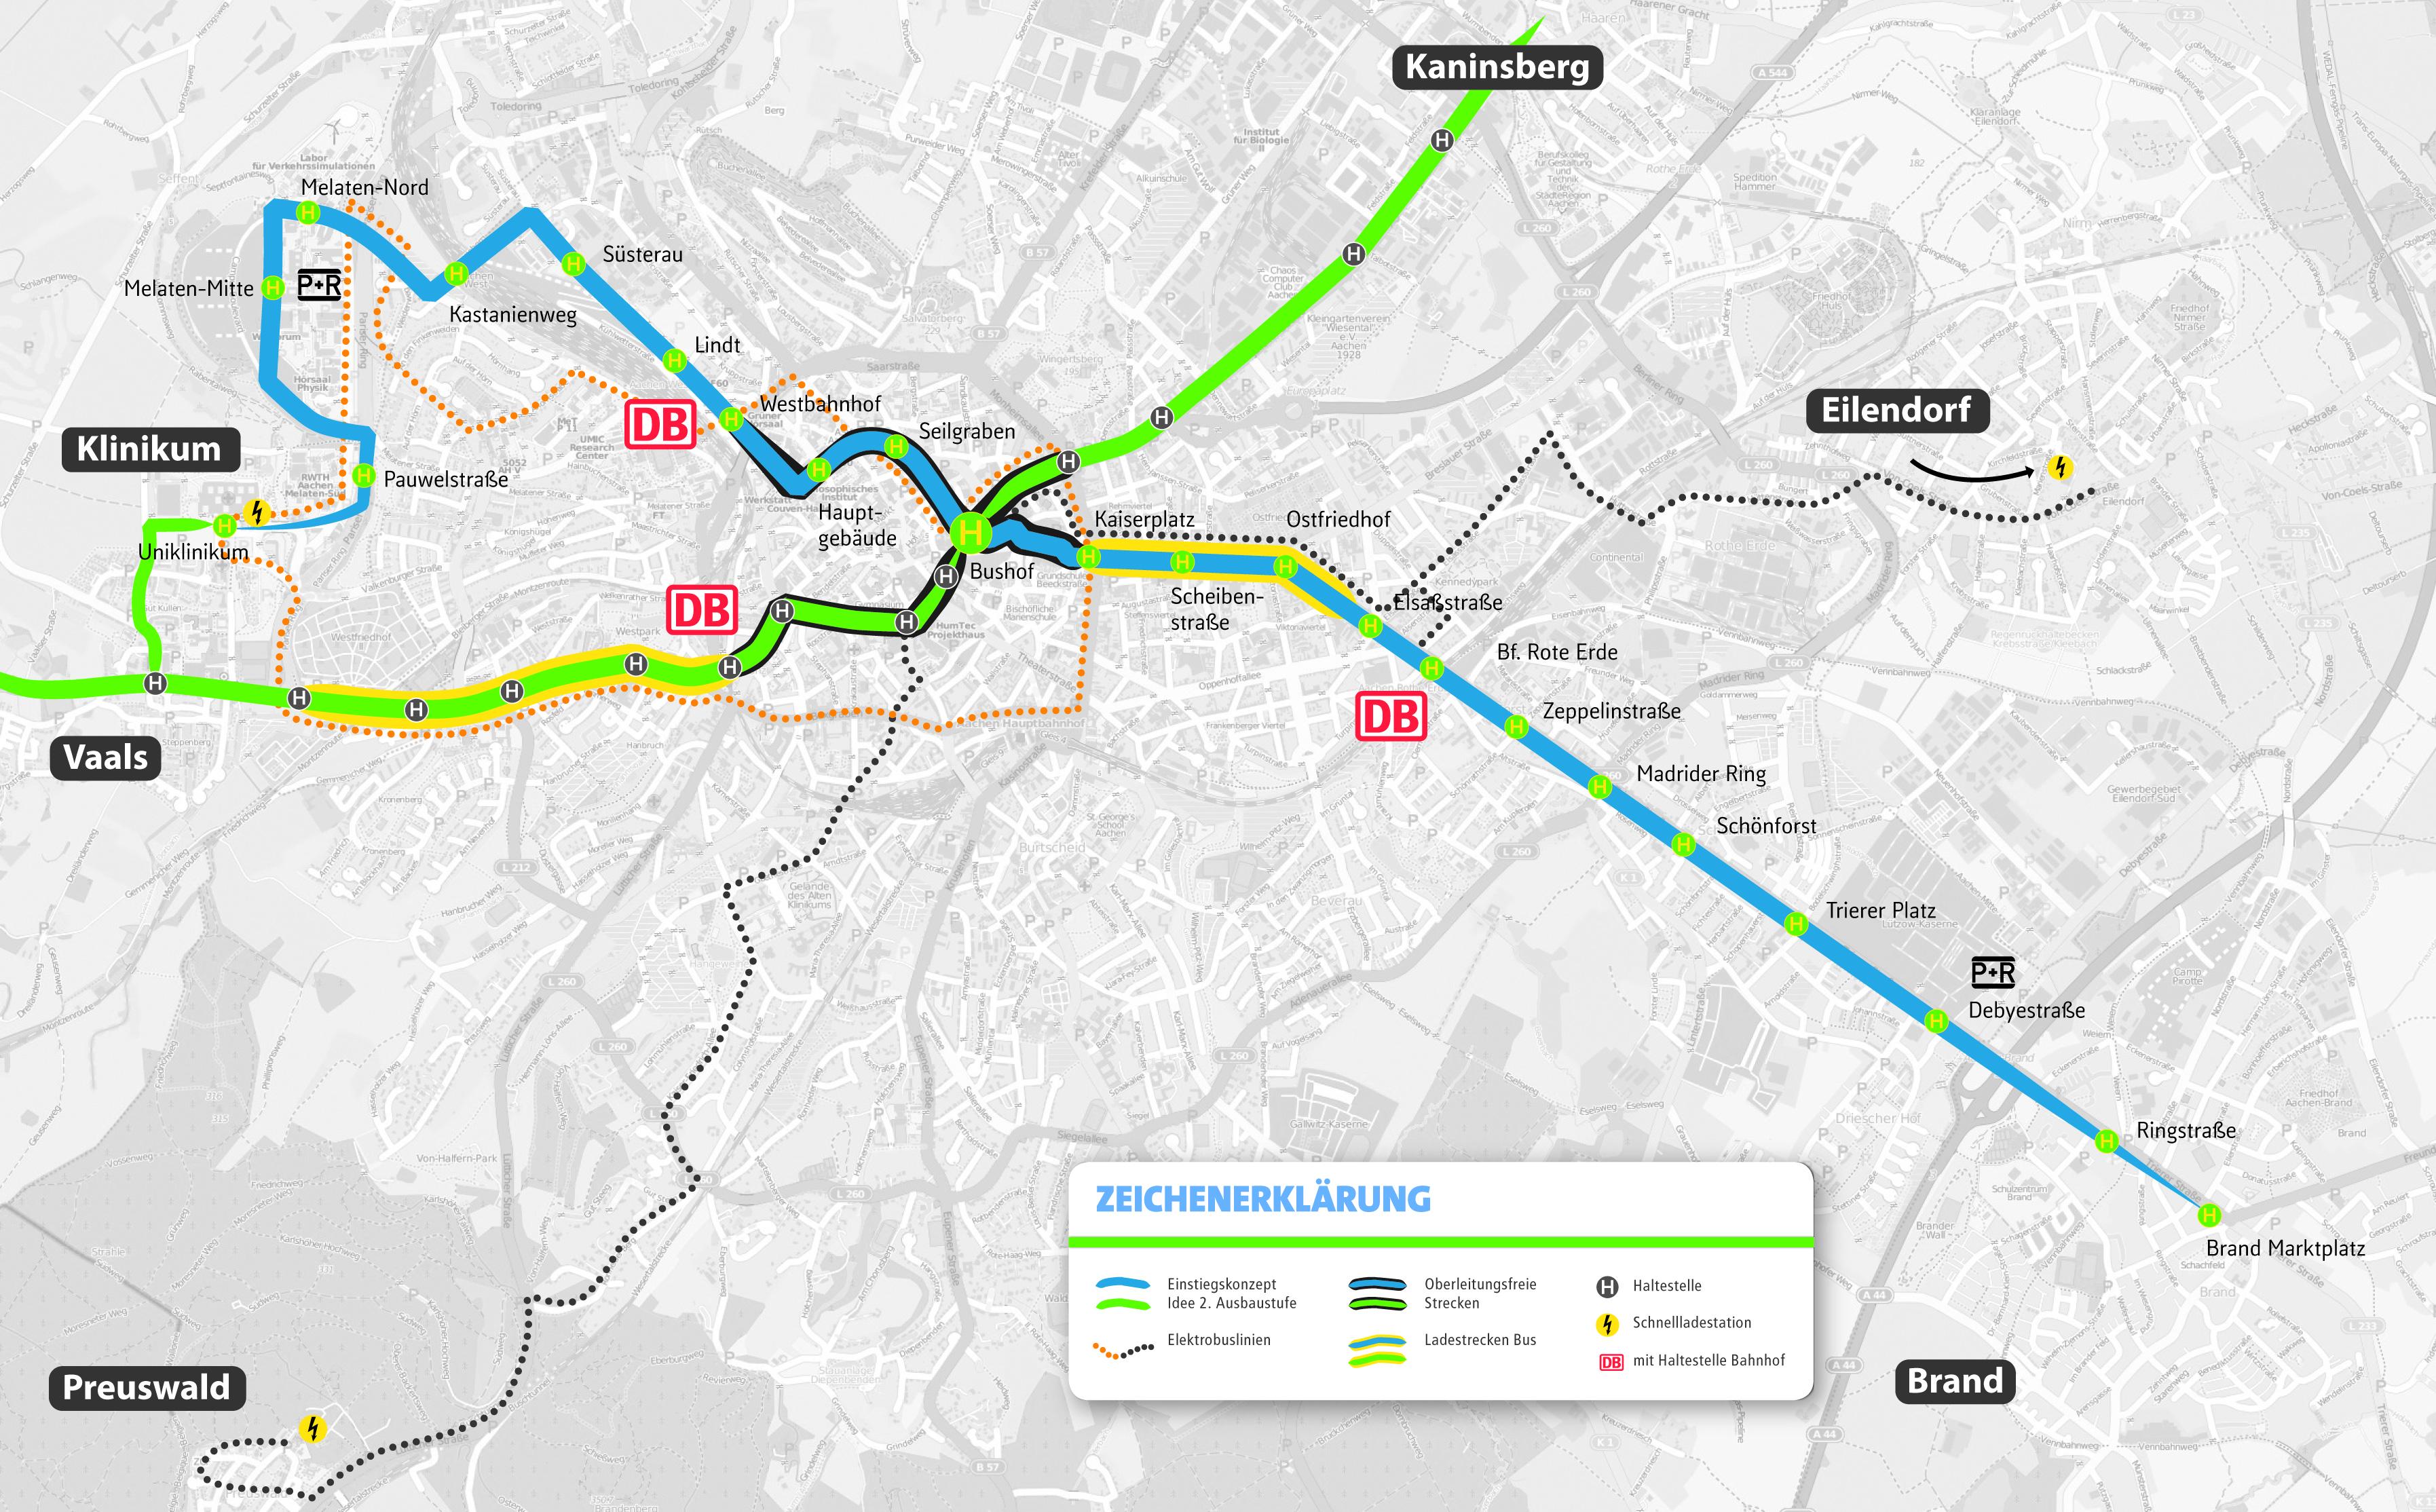 Liniennetzkonzept der Campusbahn